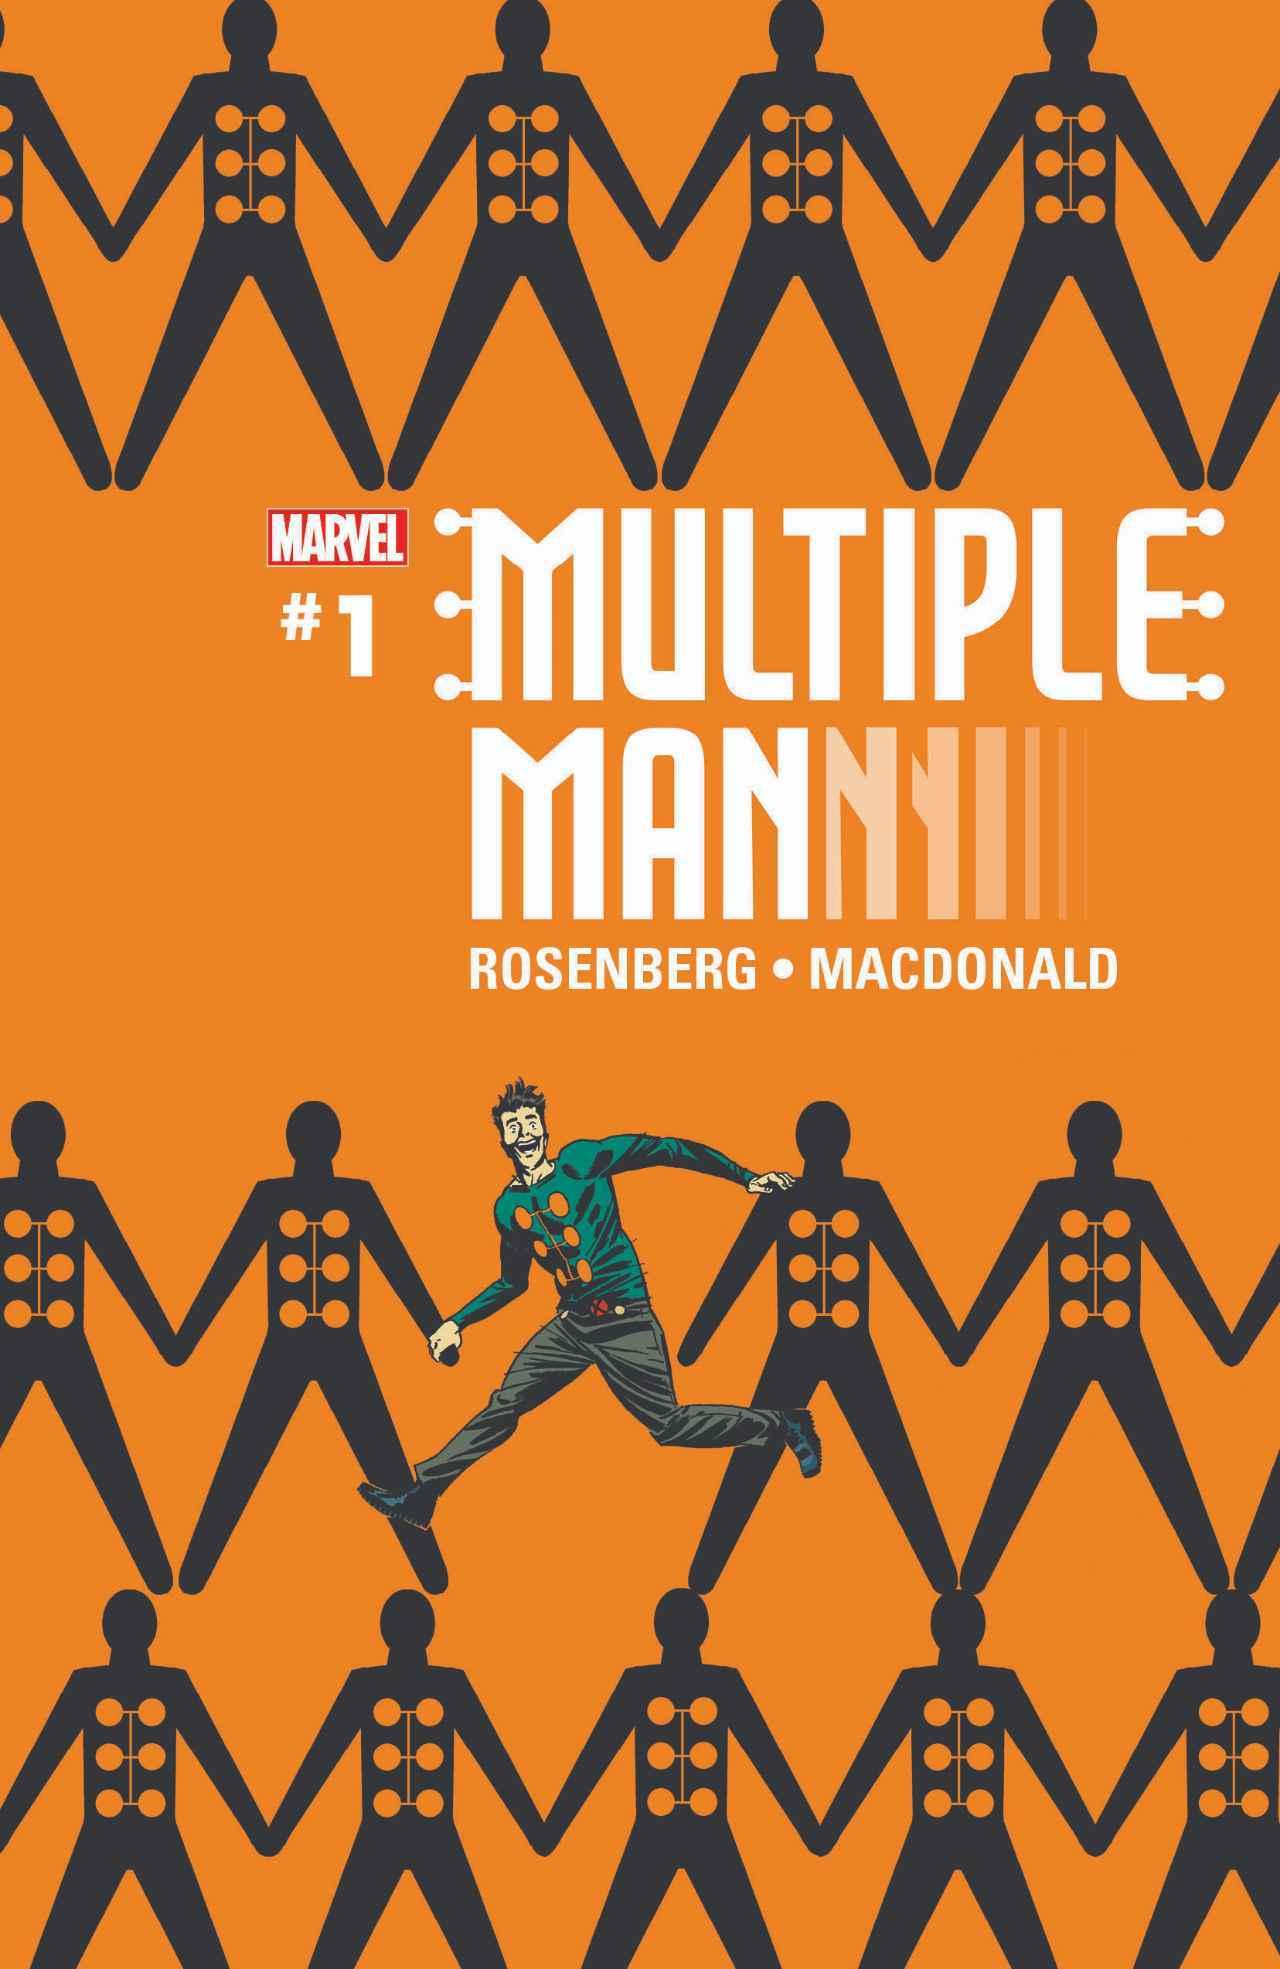 Marvel anuncia uma nova HQ mensal do Homem-Múltiplo!